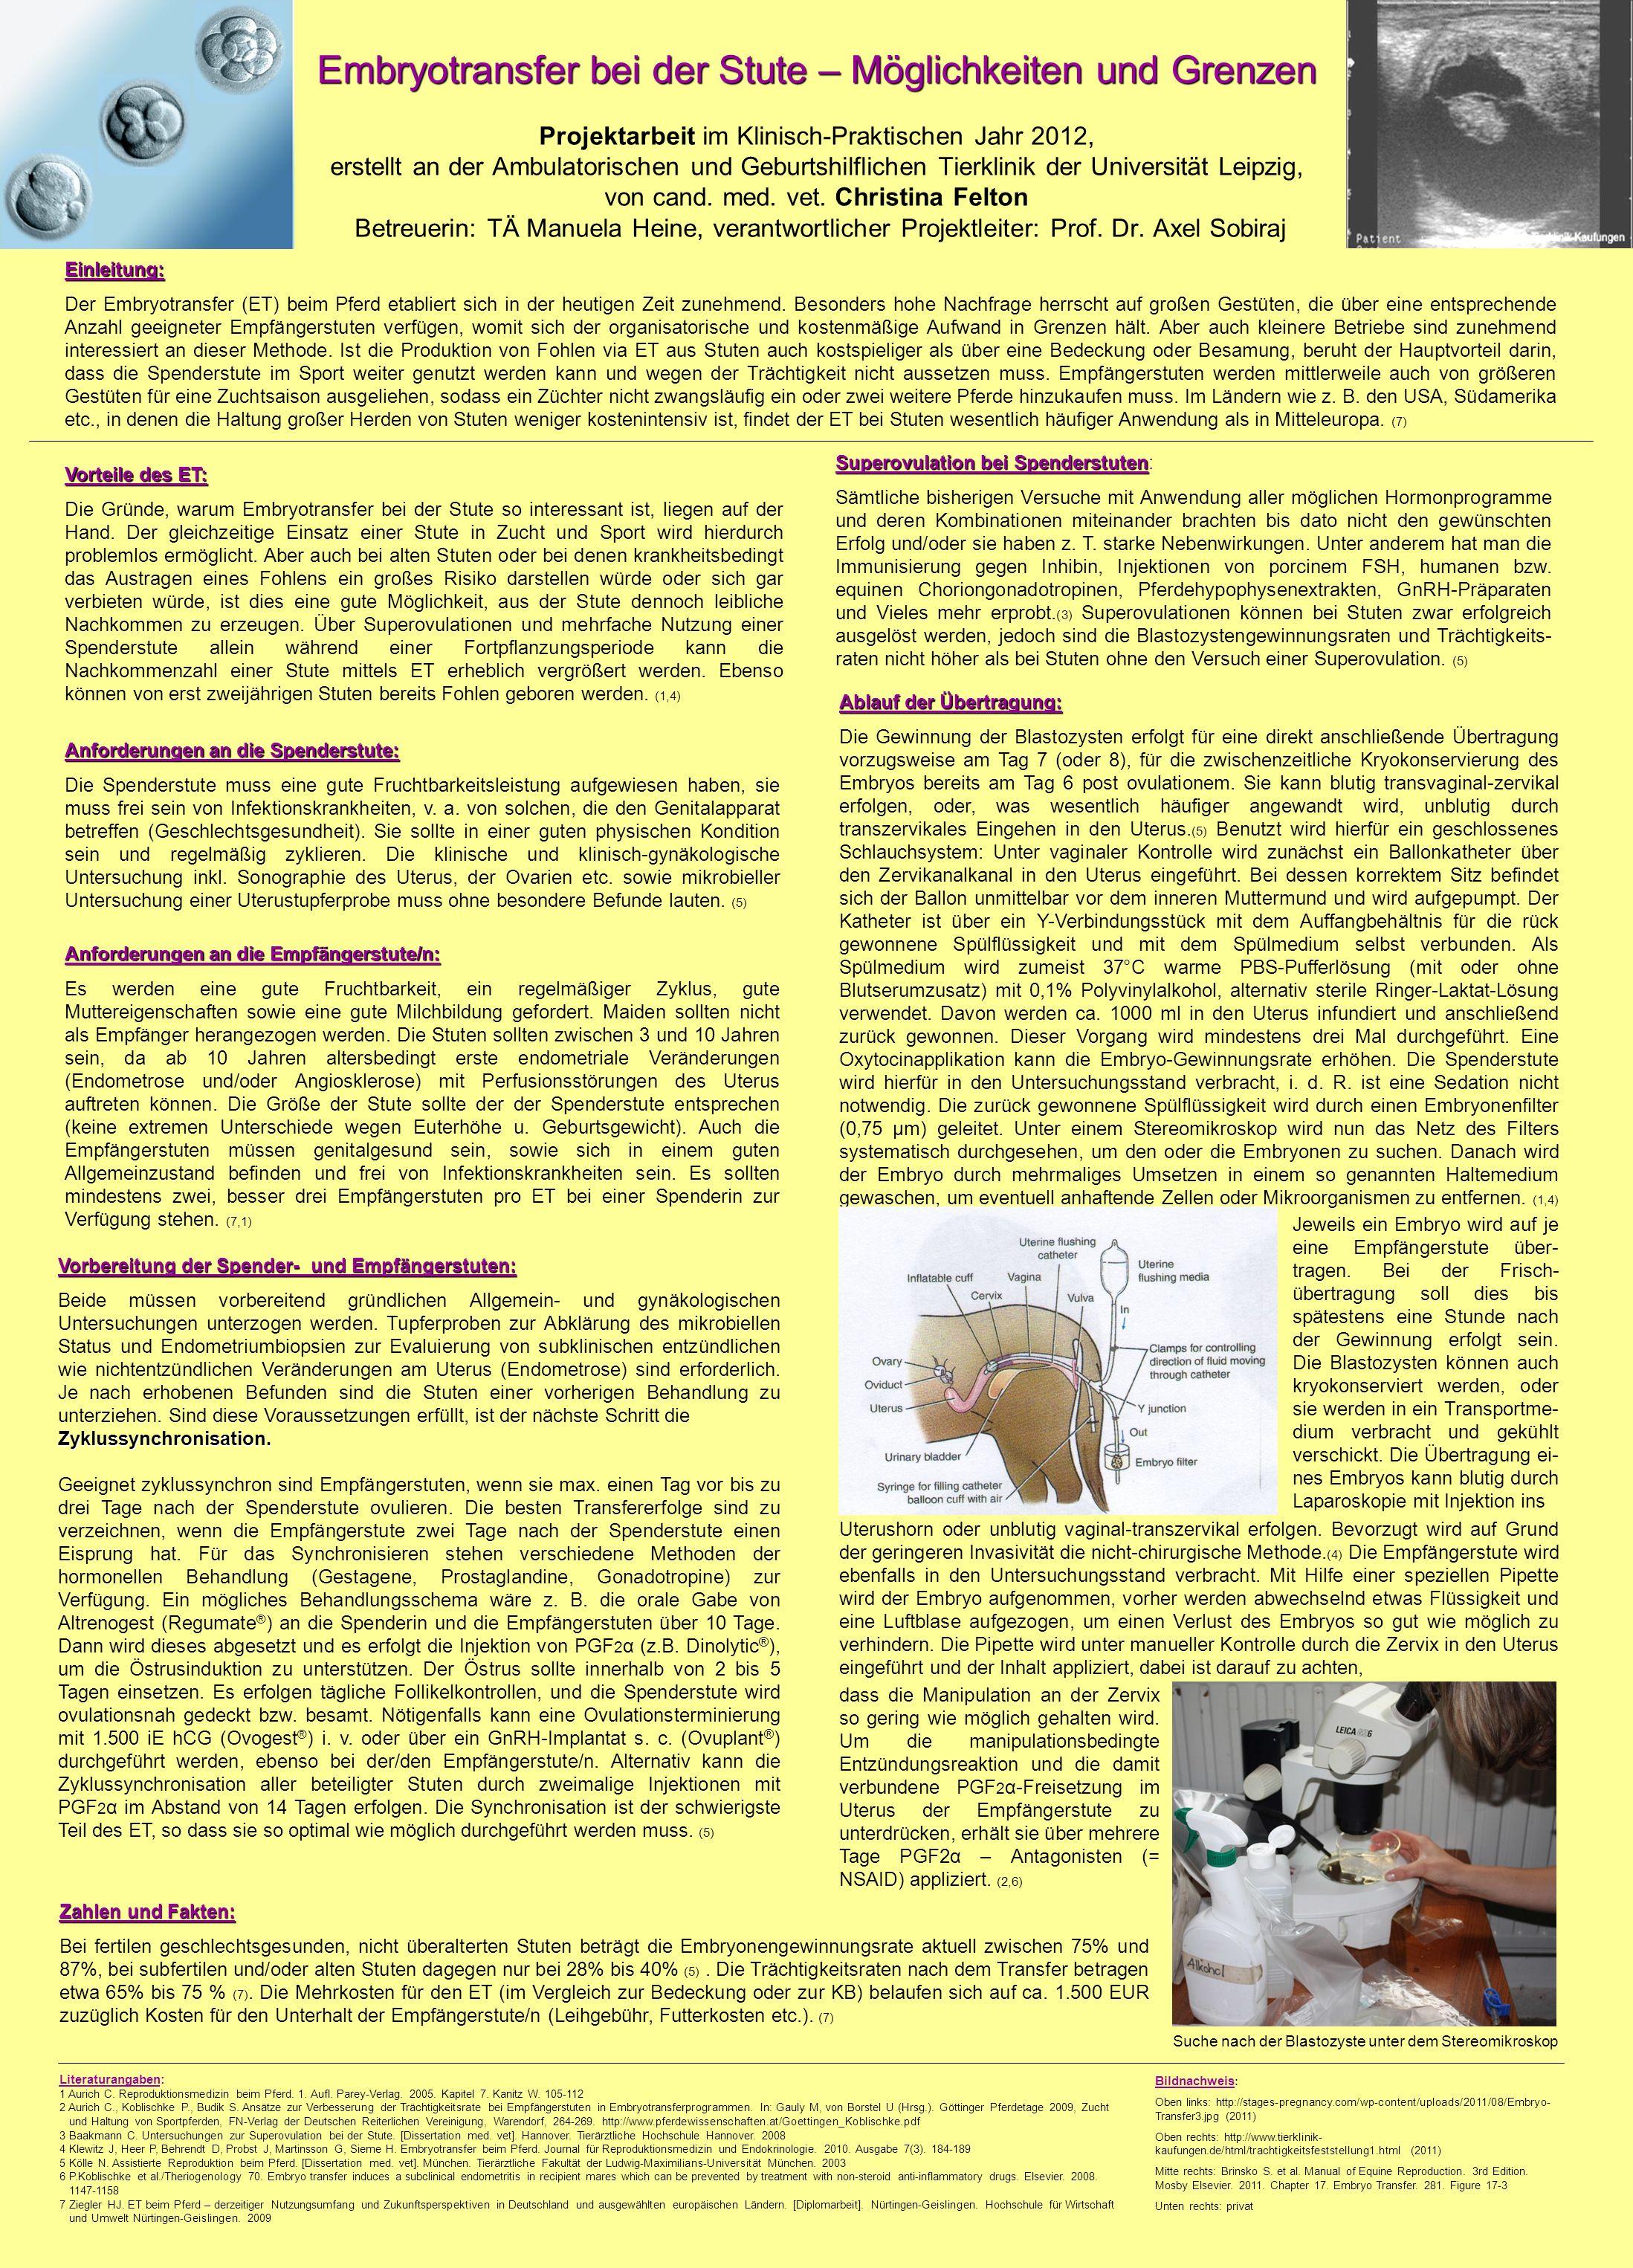 Literaturangaben: 1 Aurich C. Reproduktionsmedizin beim Pferd. 1. Aufl. Parey-Verlag. 2005. Kapitel 7. Kanitz W. 105-112 2 Aurich C., Koblischke P., B